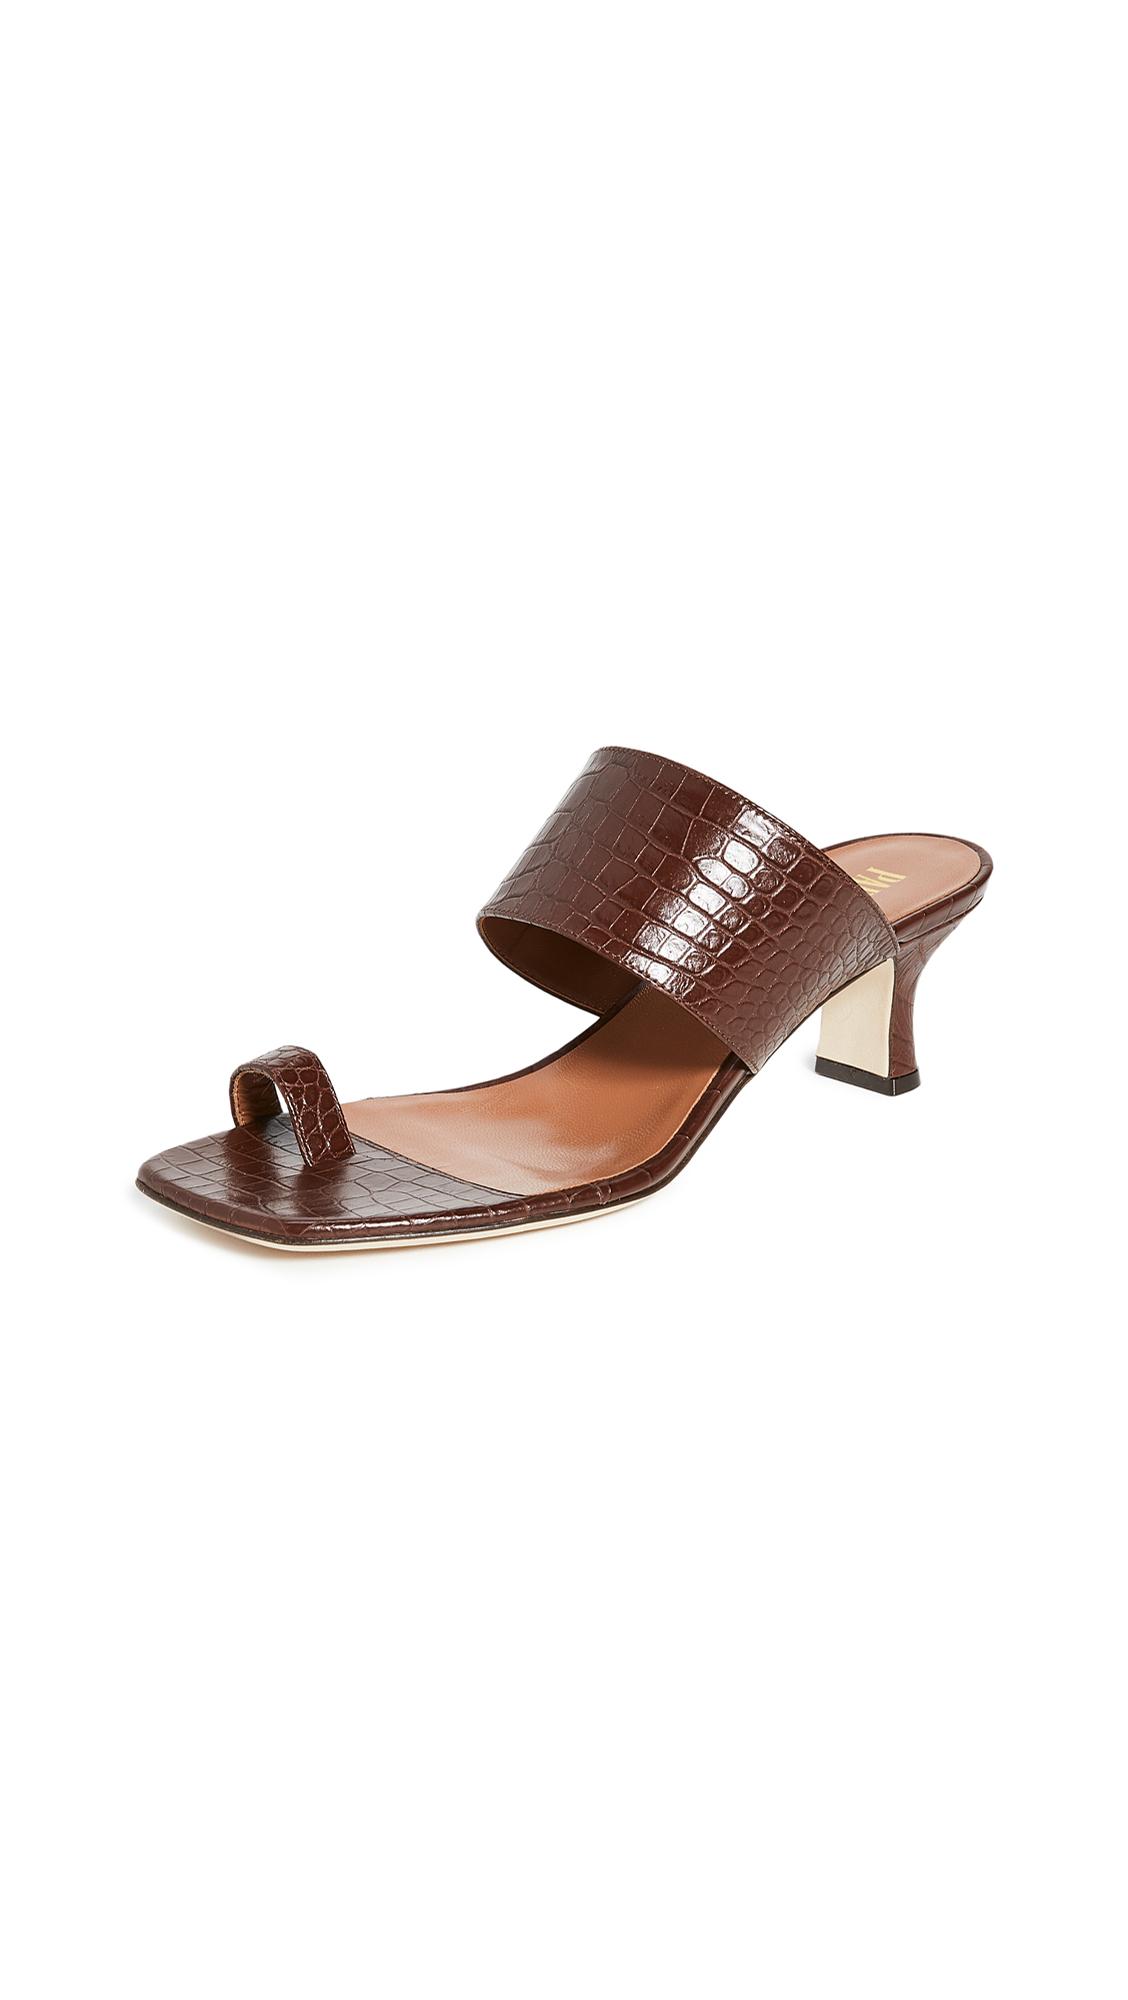 Buy Paris Texas Moc Croco Thumb Ring Sandals online, shop Paris Texas